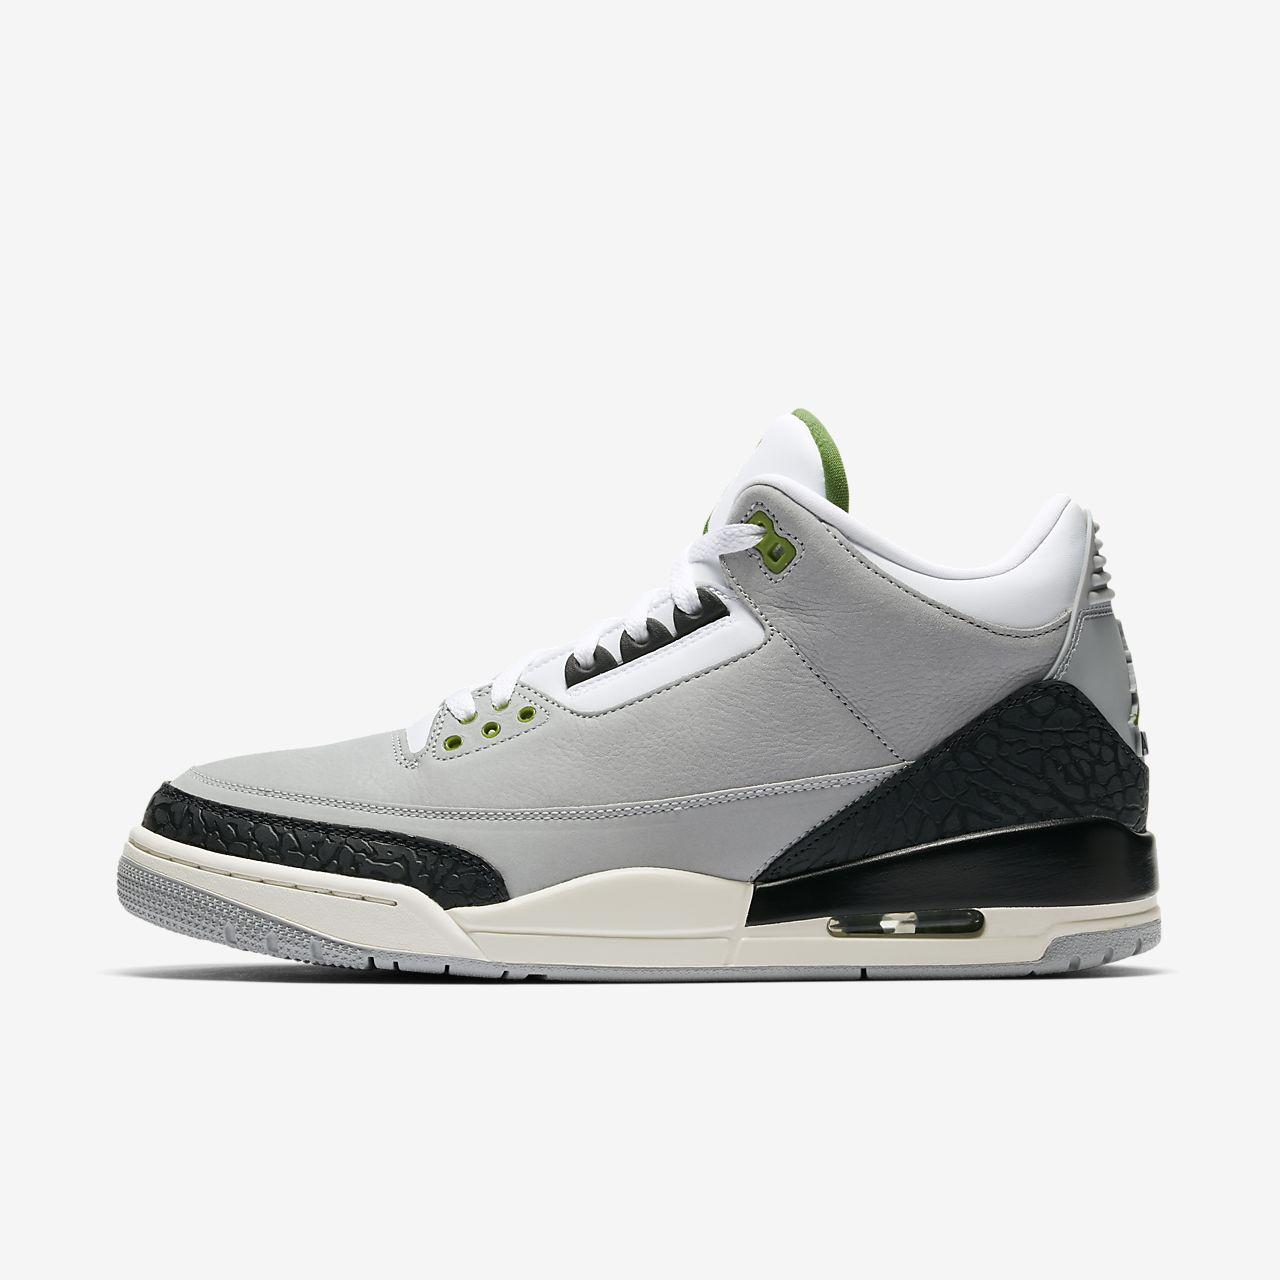 a02e1ae54474 denmark cheap air max 2017 black fire red 65b9a 02c7f  order air jordan 3  retro sko til mænd ab8b1 18782